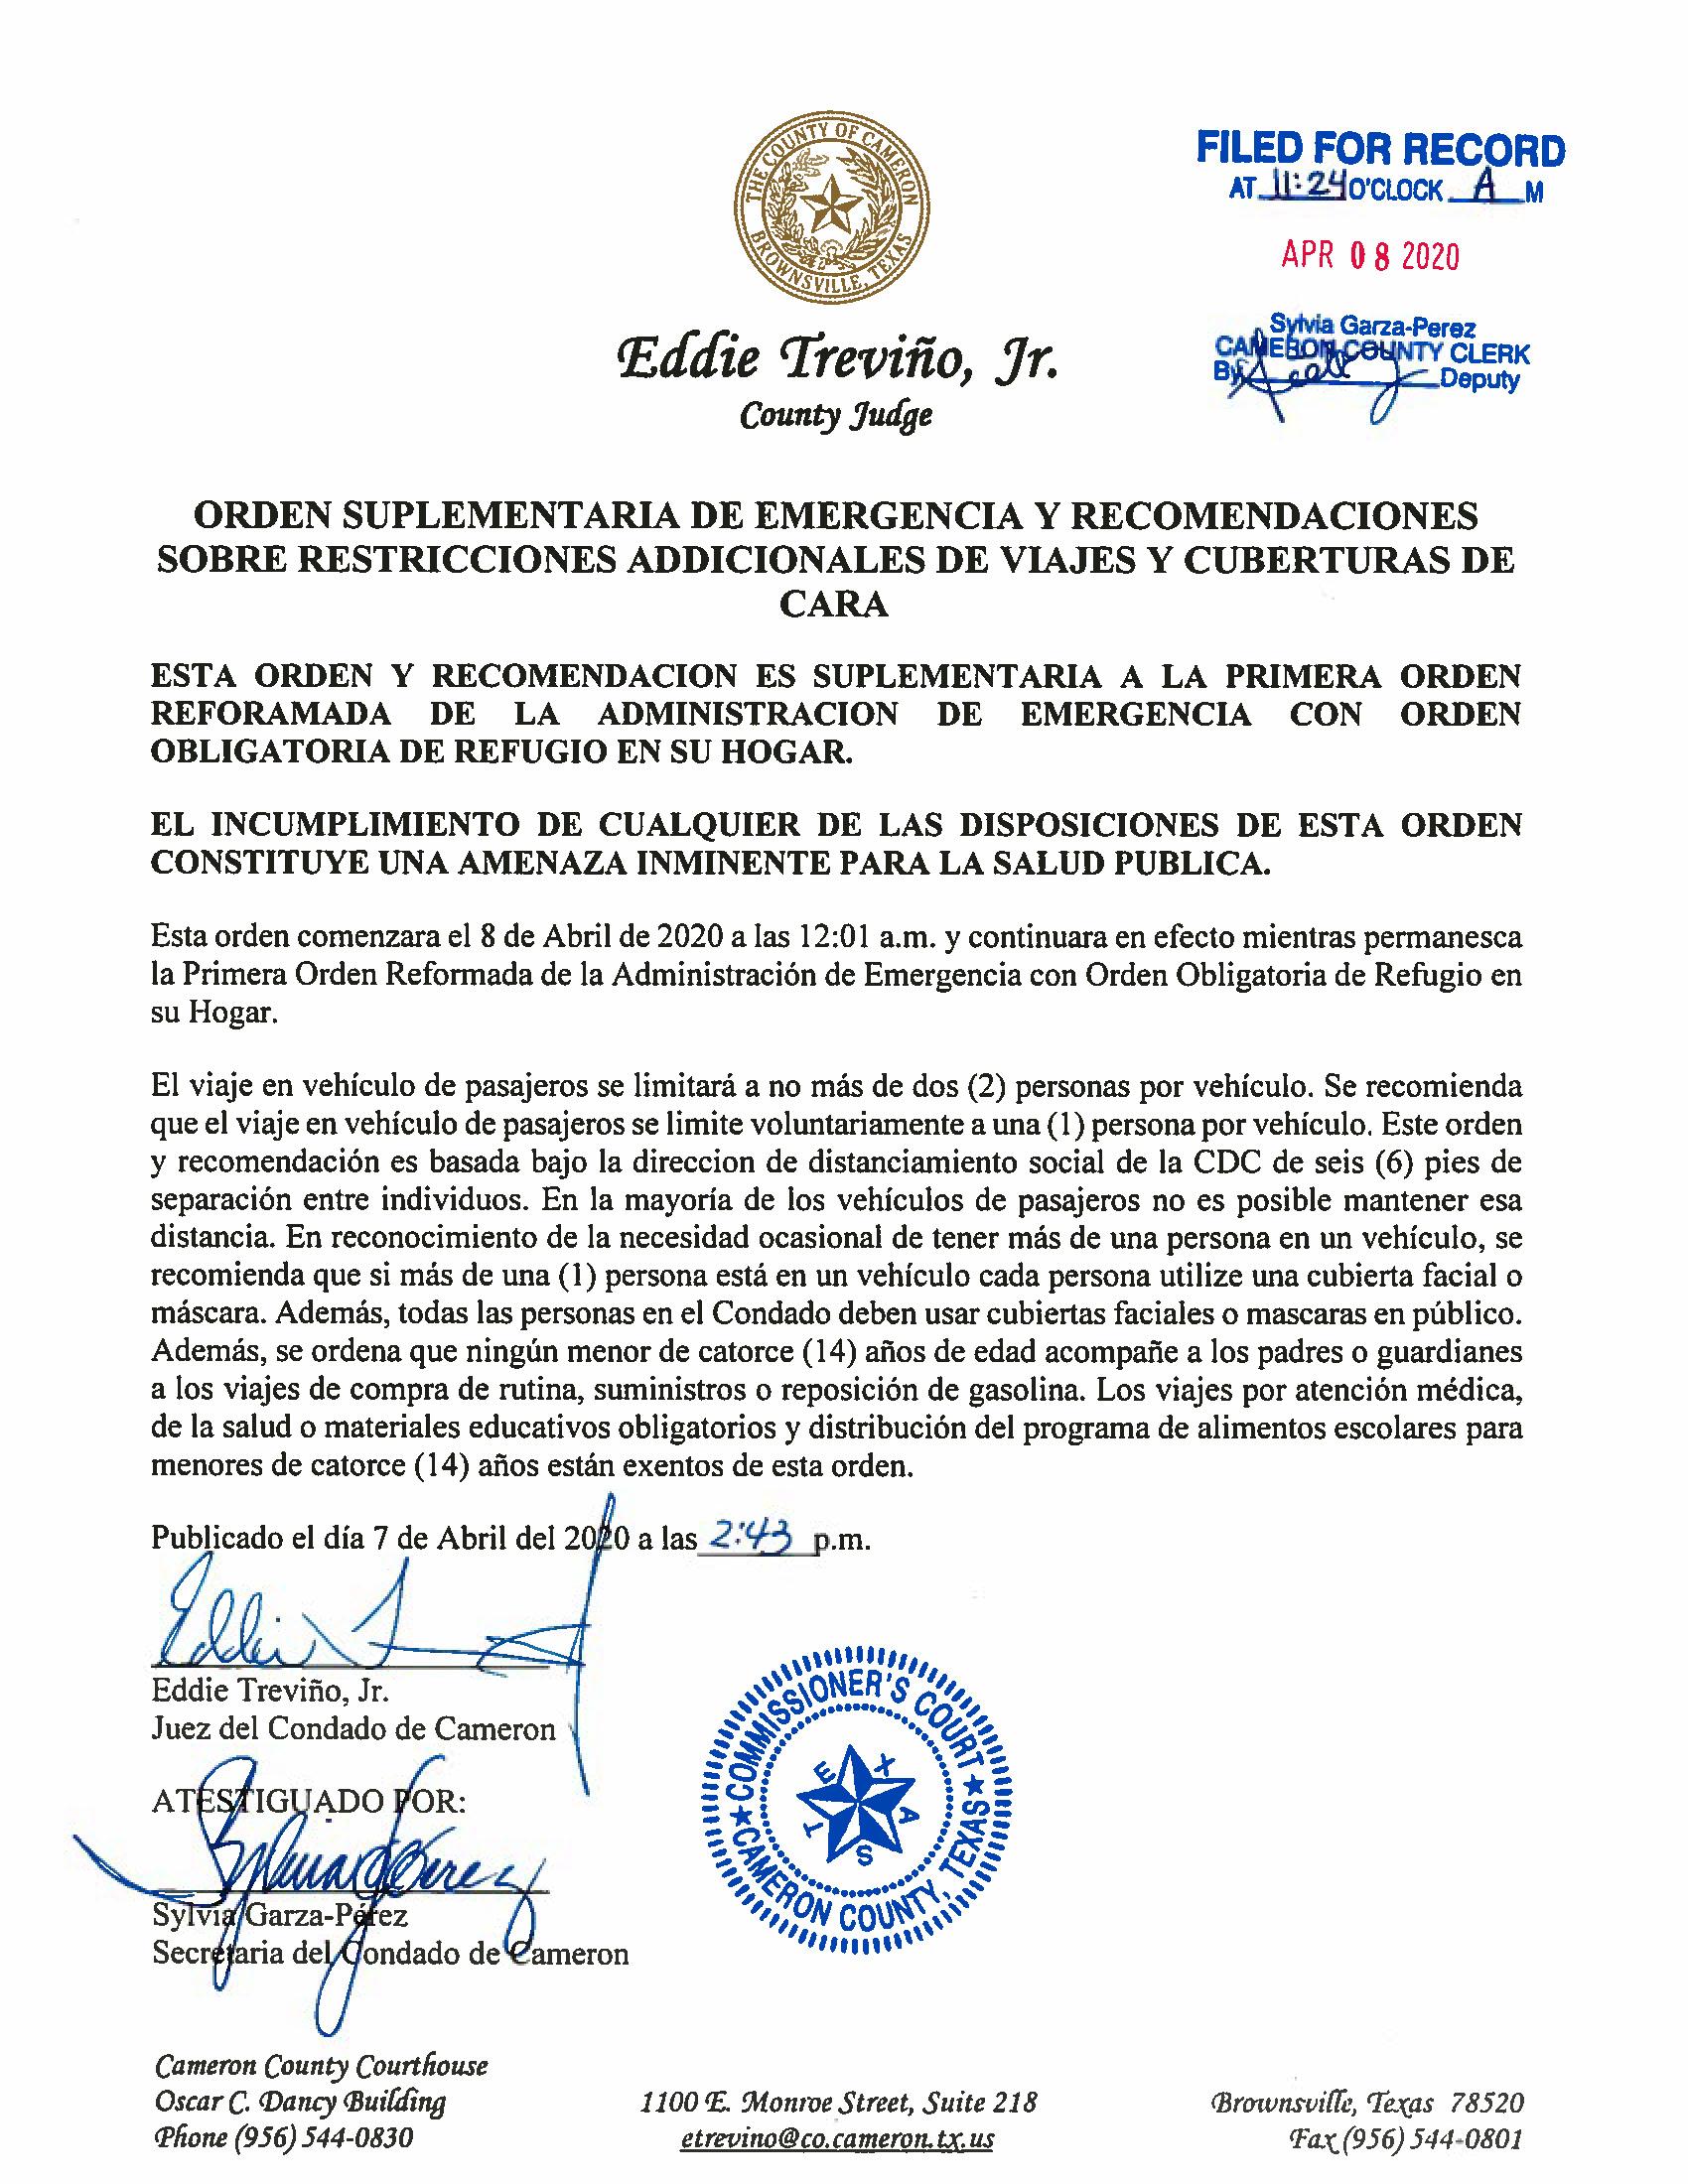 04.07.2020 Orden Suplementaria De Emergencia Y Recomendaciones Sobre Restricciones Addicionales De Viajes Y Cuberturas De Cara